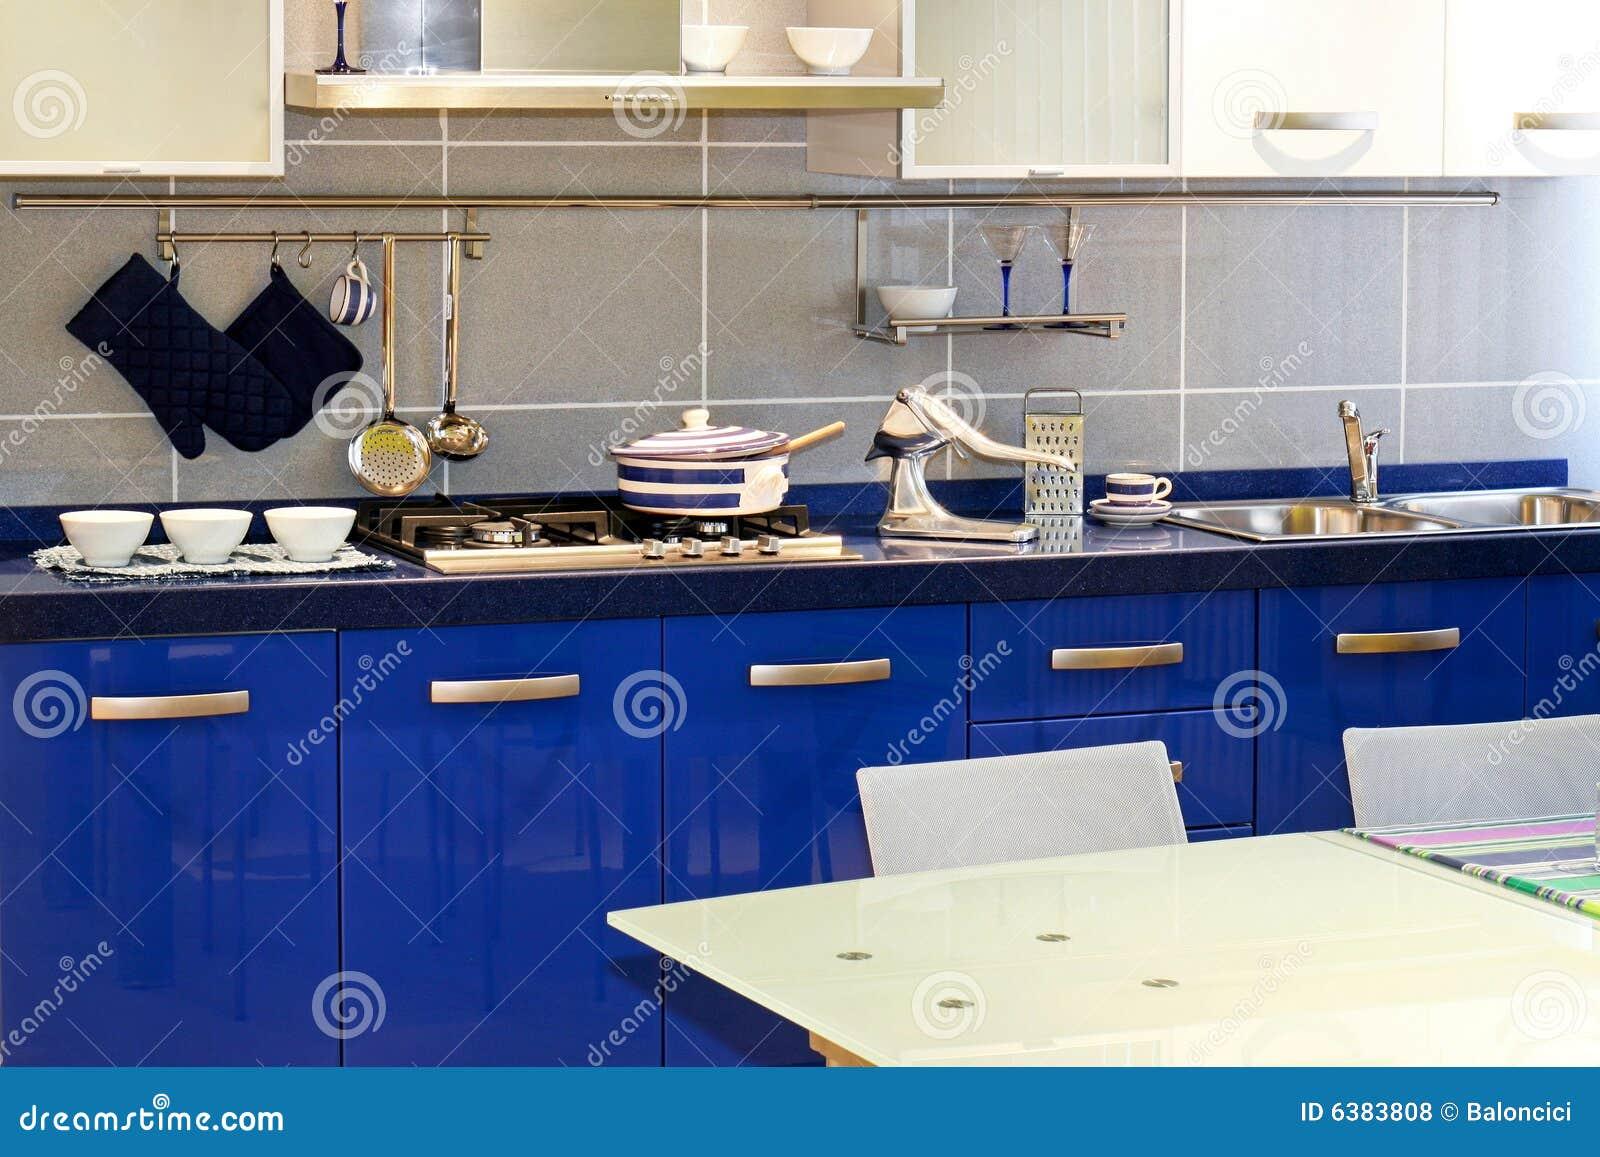 Blaue Küche stockfoto. Bild von dekor, zuhause, modern - 6383808